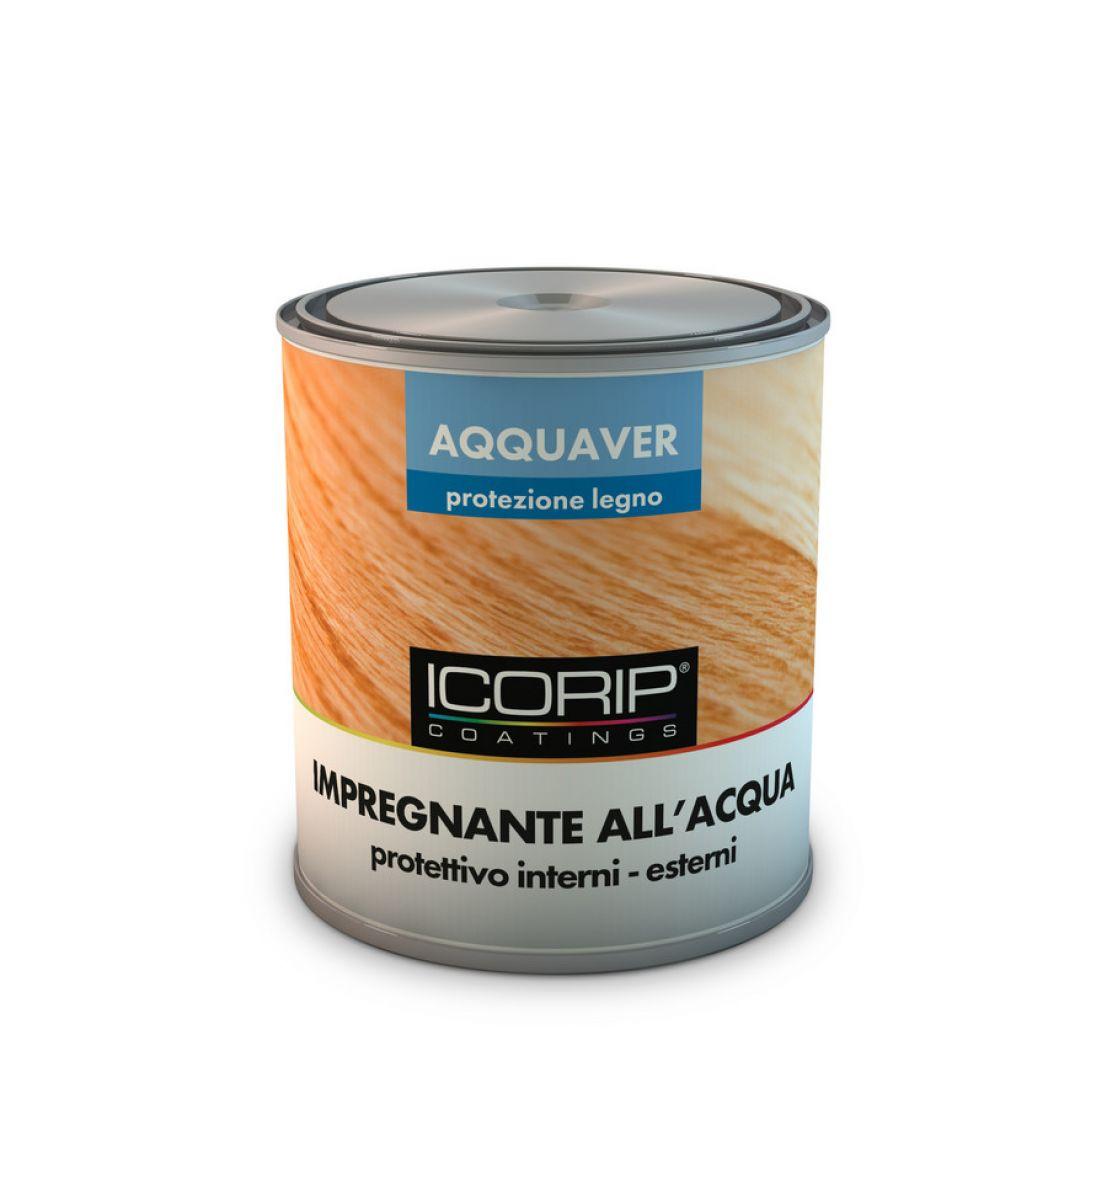 AQQUAVER IMPREGNANTE 750 ml COLORATO Impregnante protettivo ad acqua per legno, atossico e inodore, resistente all'esterno e all'azione dei raggi UV